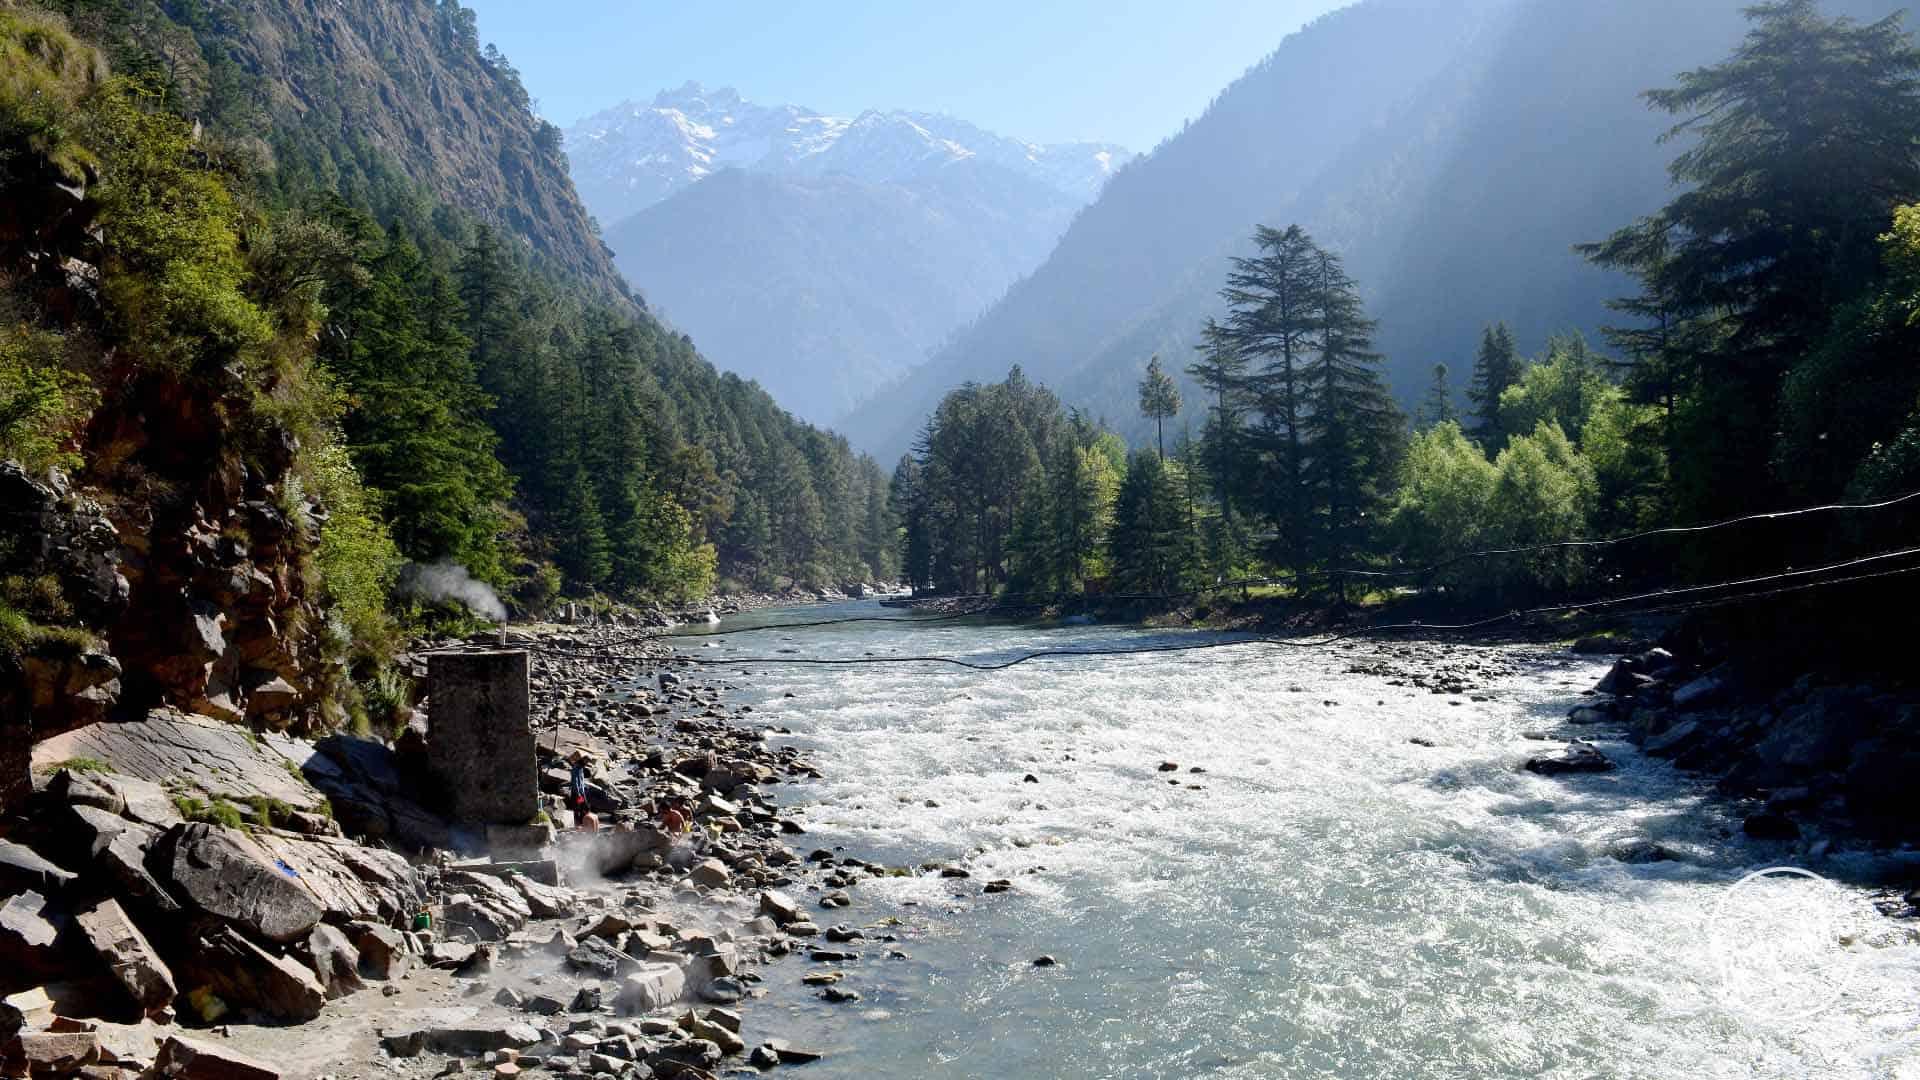 Grahan Village Trekking - Parvati river